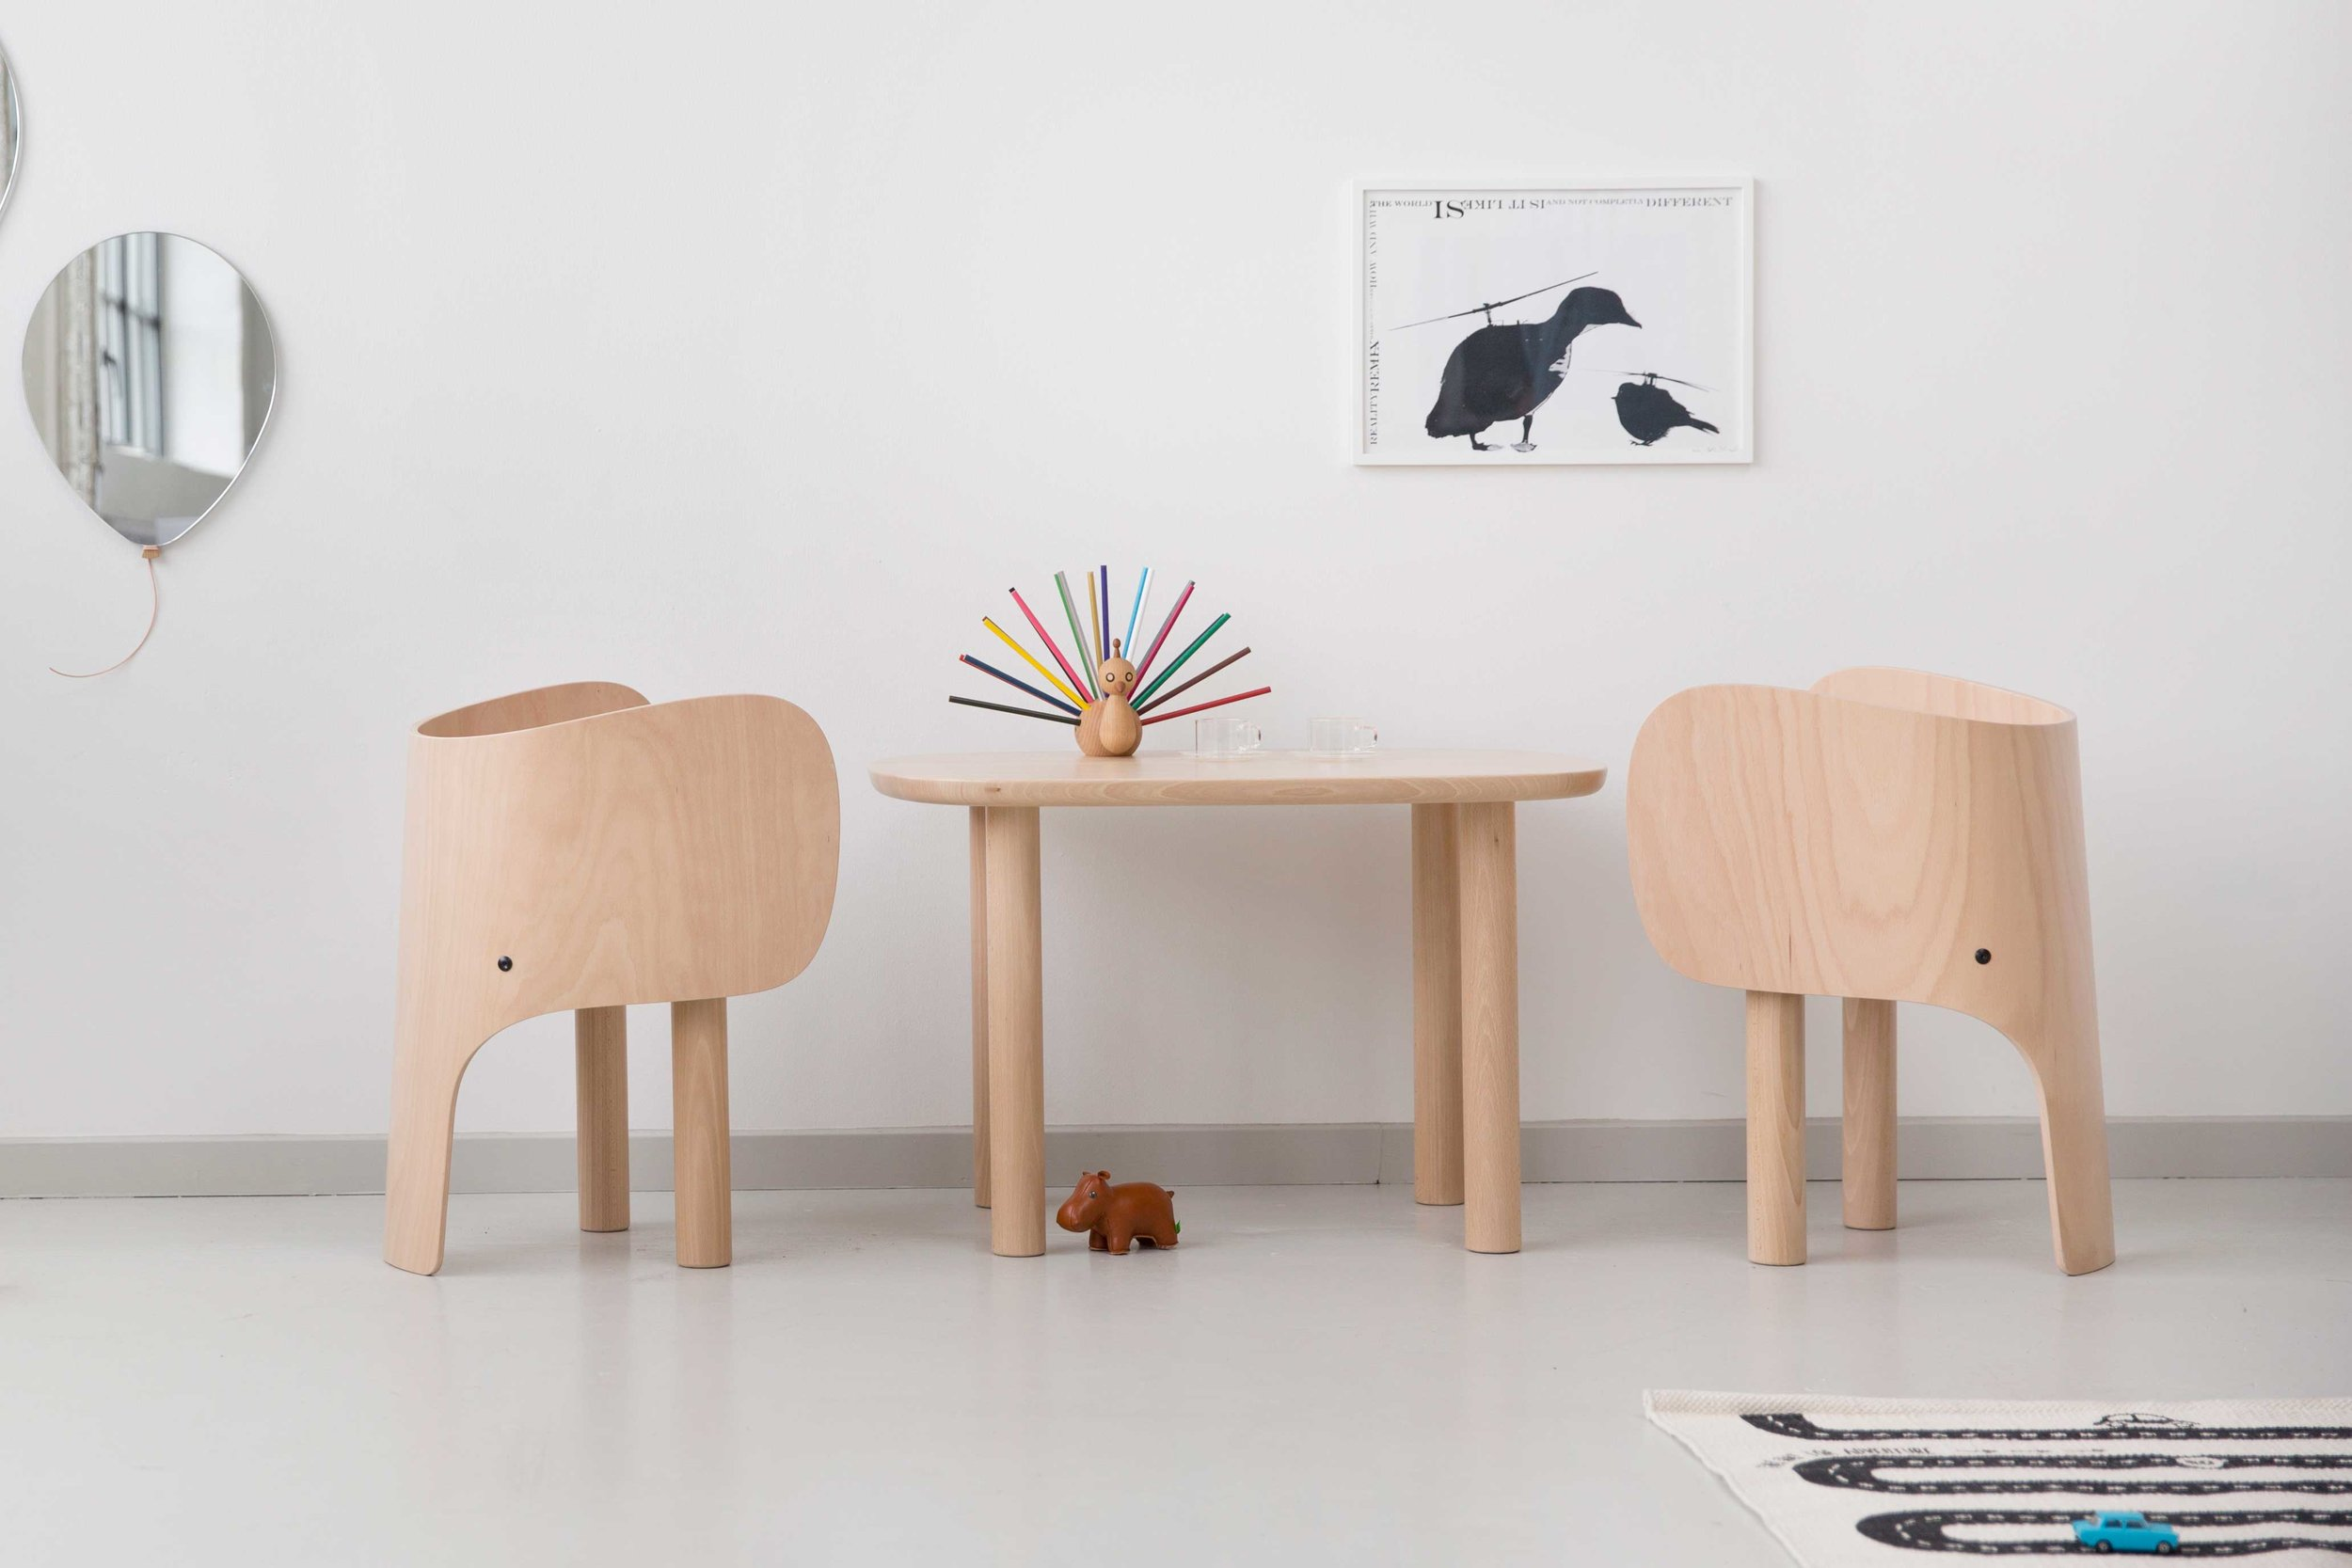 Elephant-chair-and-table.jpg